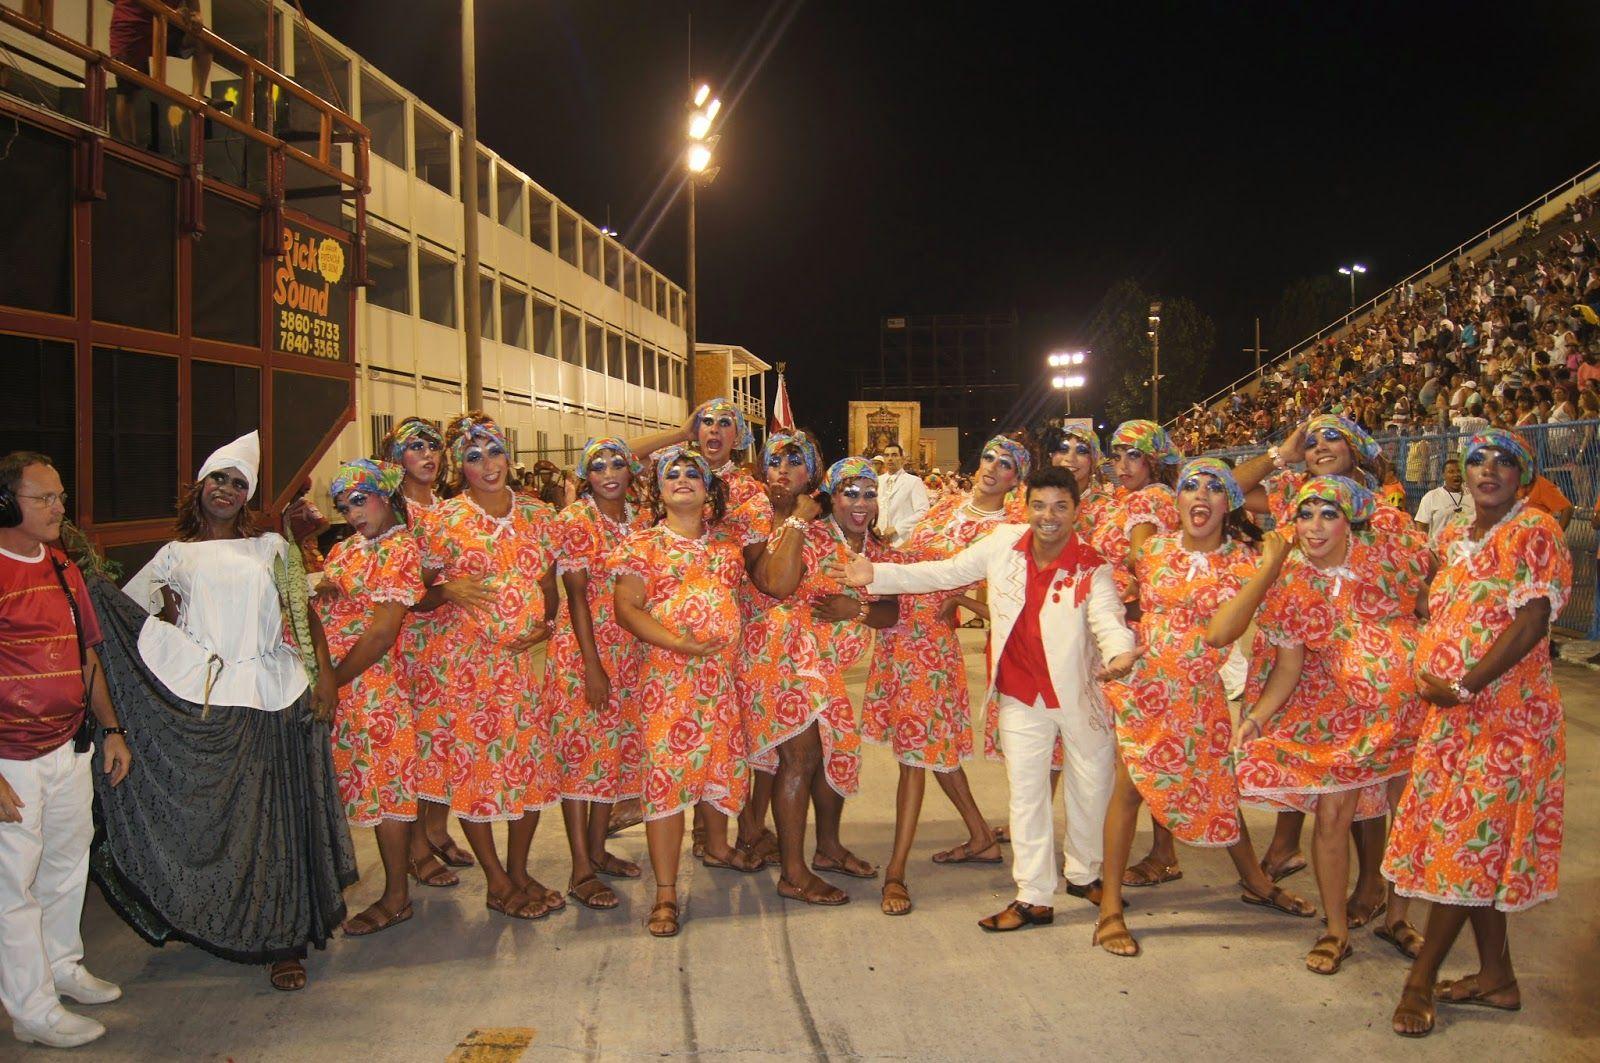 UNIDOS DE PADRE MIGUEL FAZ ENSAIO CONTAGIANTE NA SAPUCAÍ. VEJA AS FOTOS! ~ PORTAL DO SAMBA